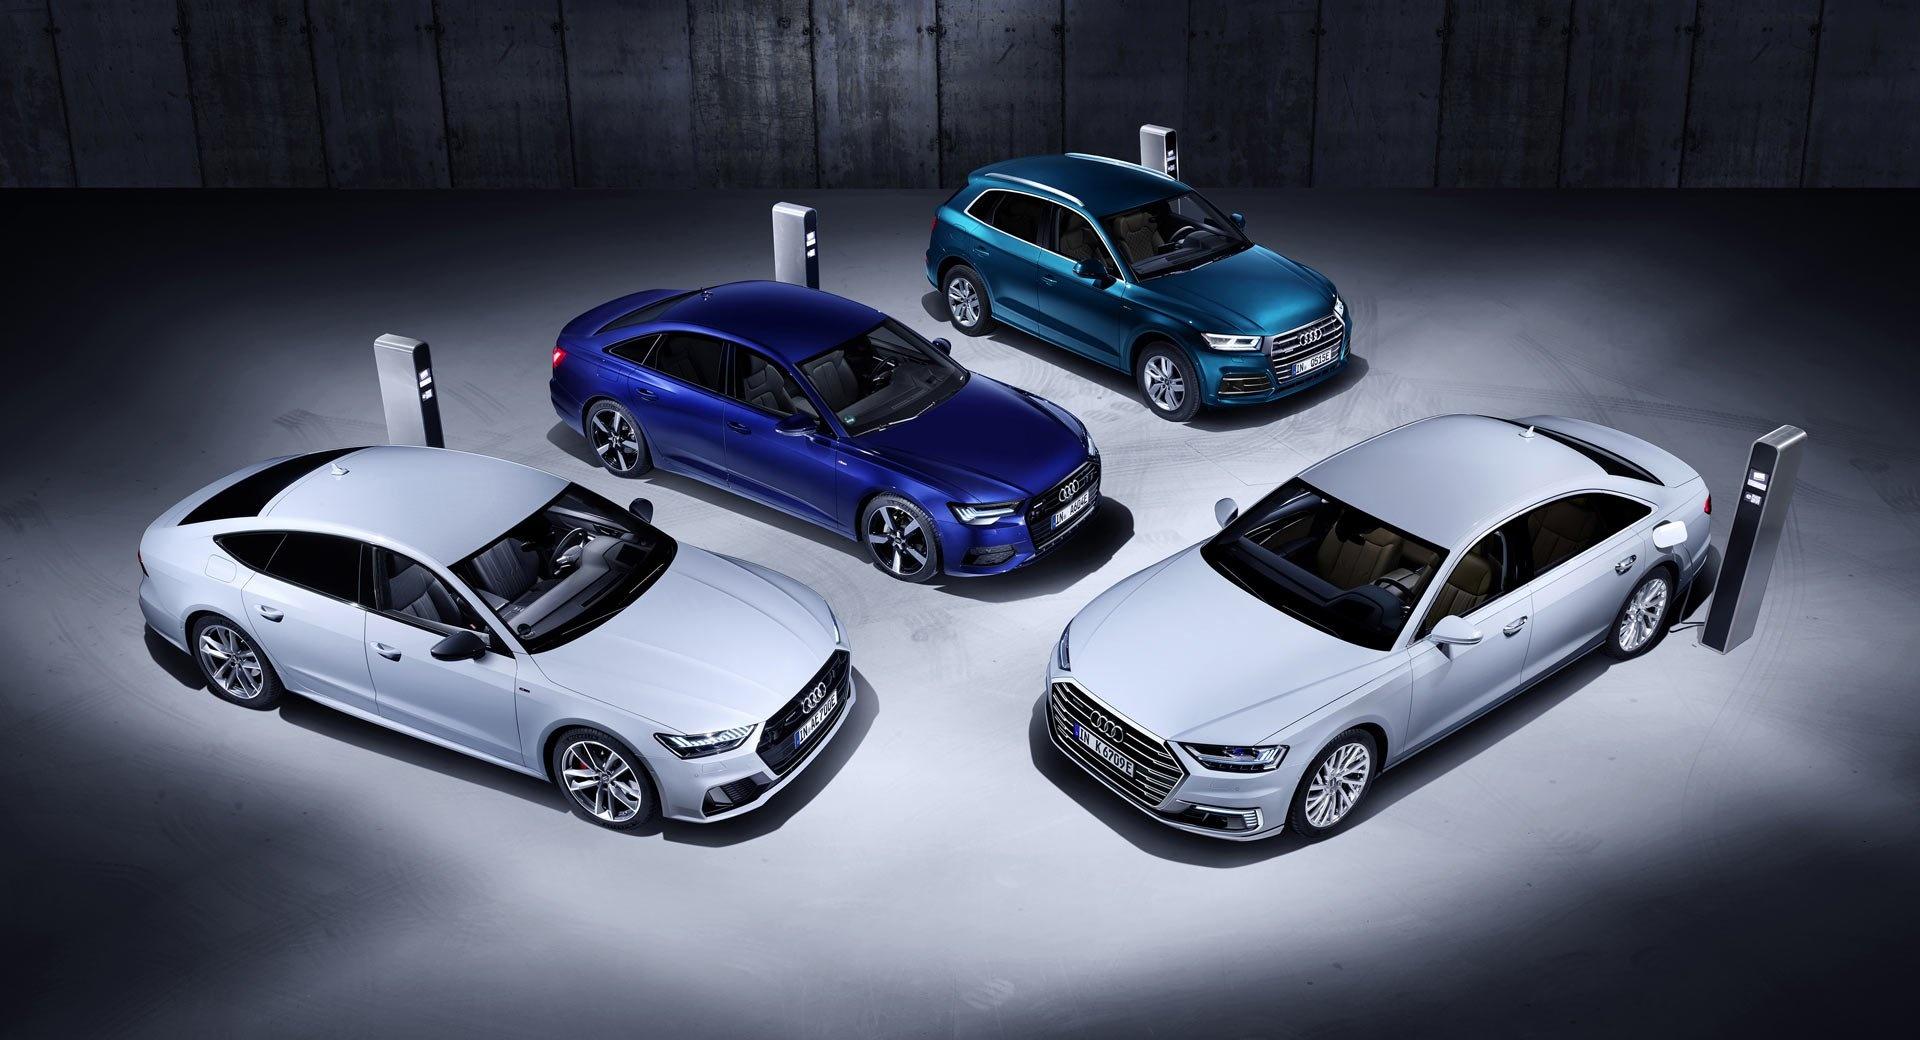 Audi ra mắt loạt xe lai mới, sạc pin chạy được 40 km